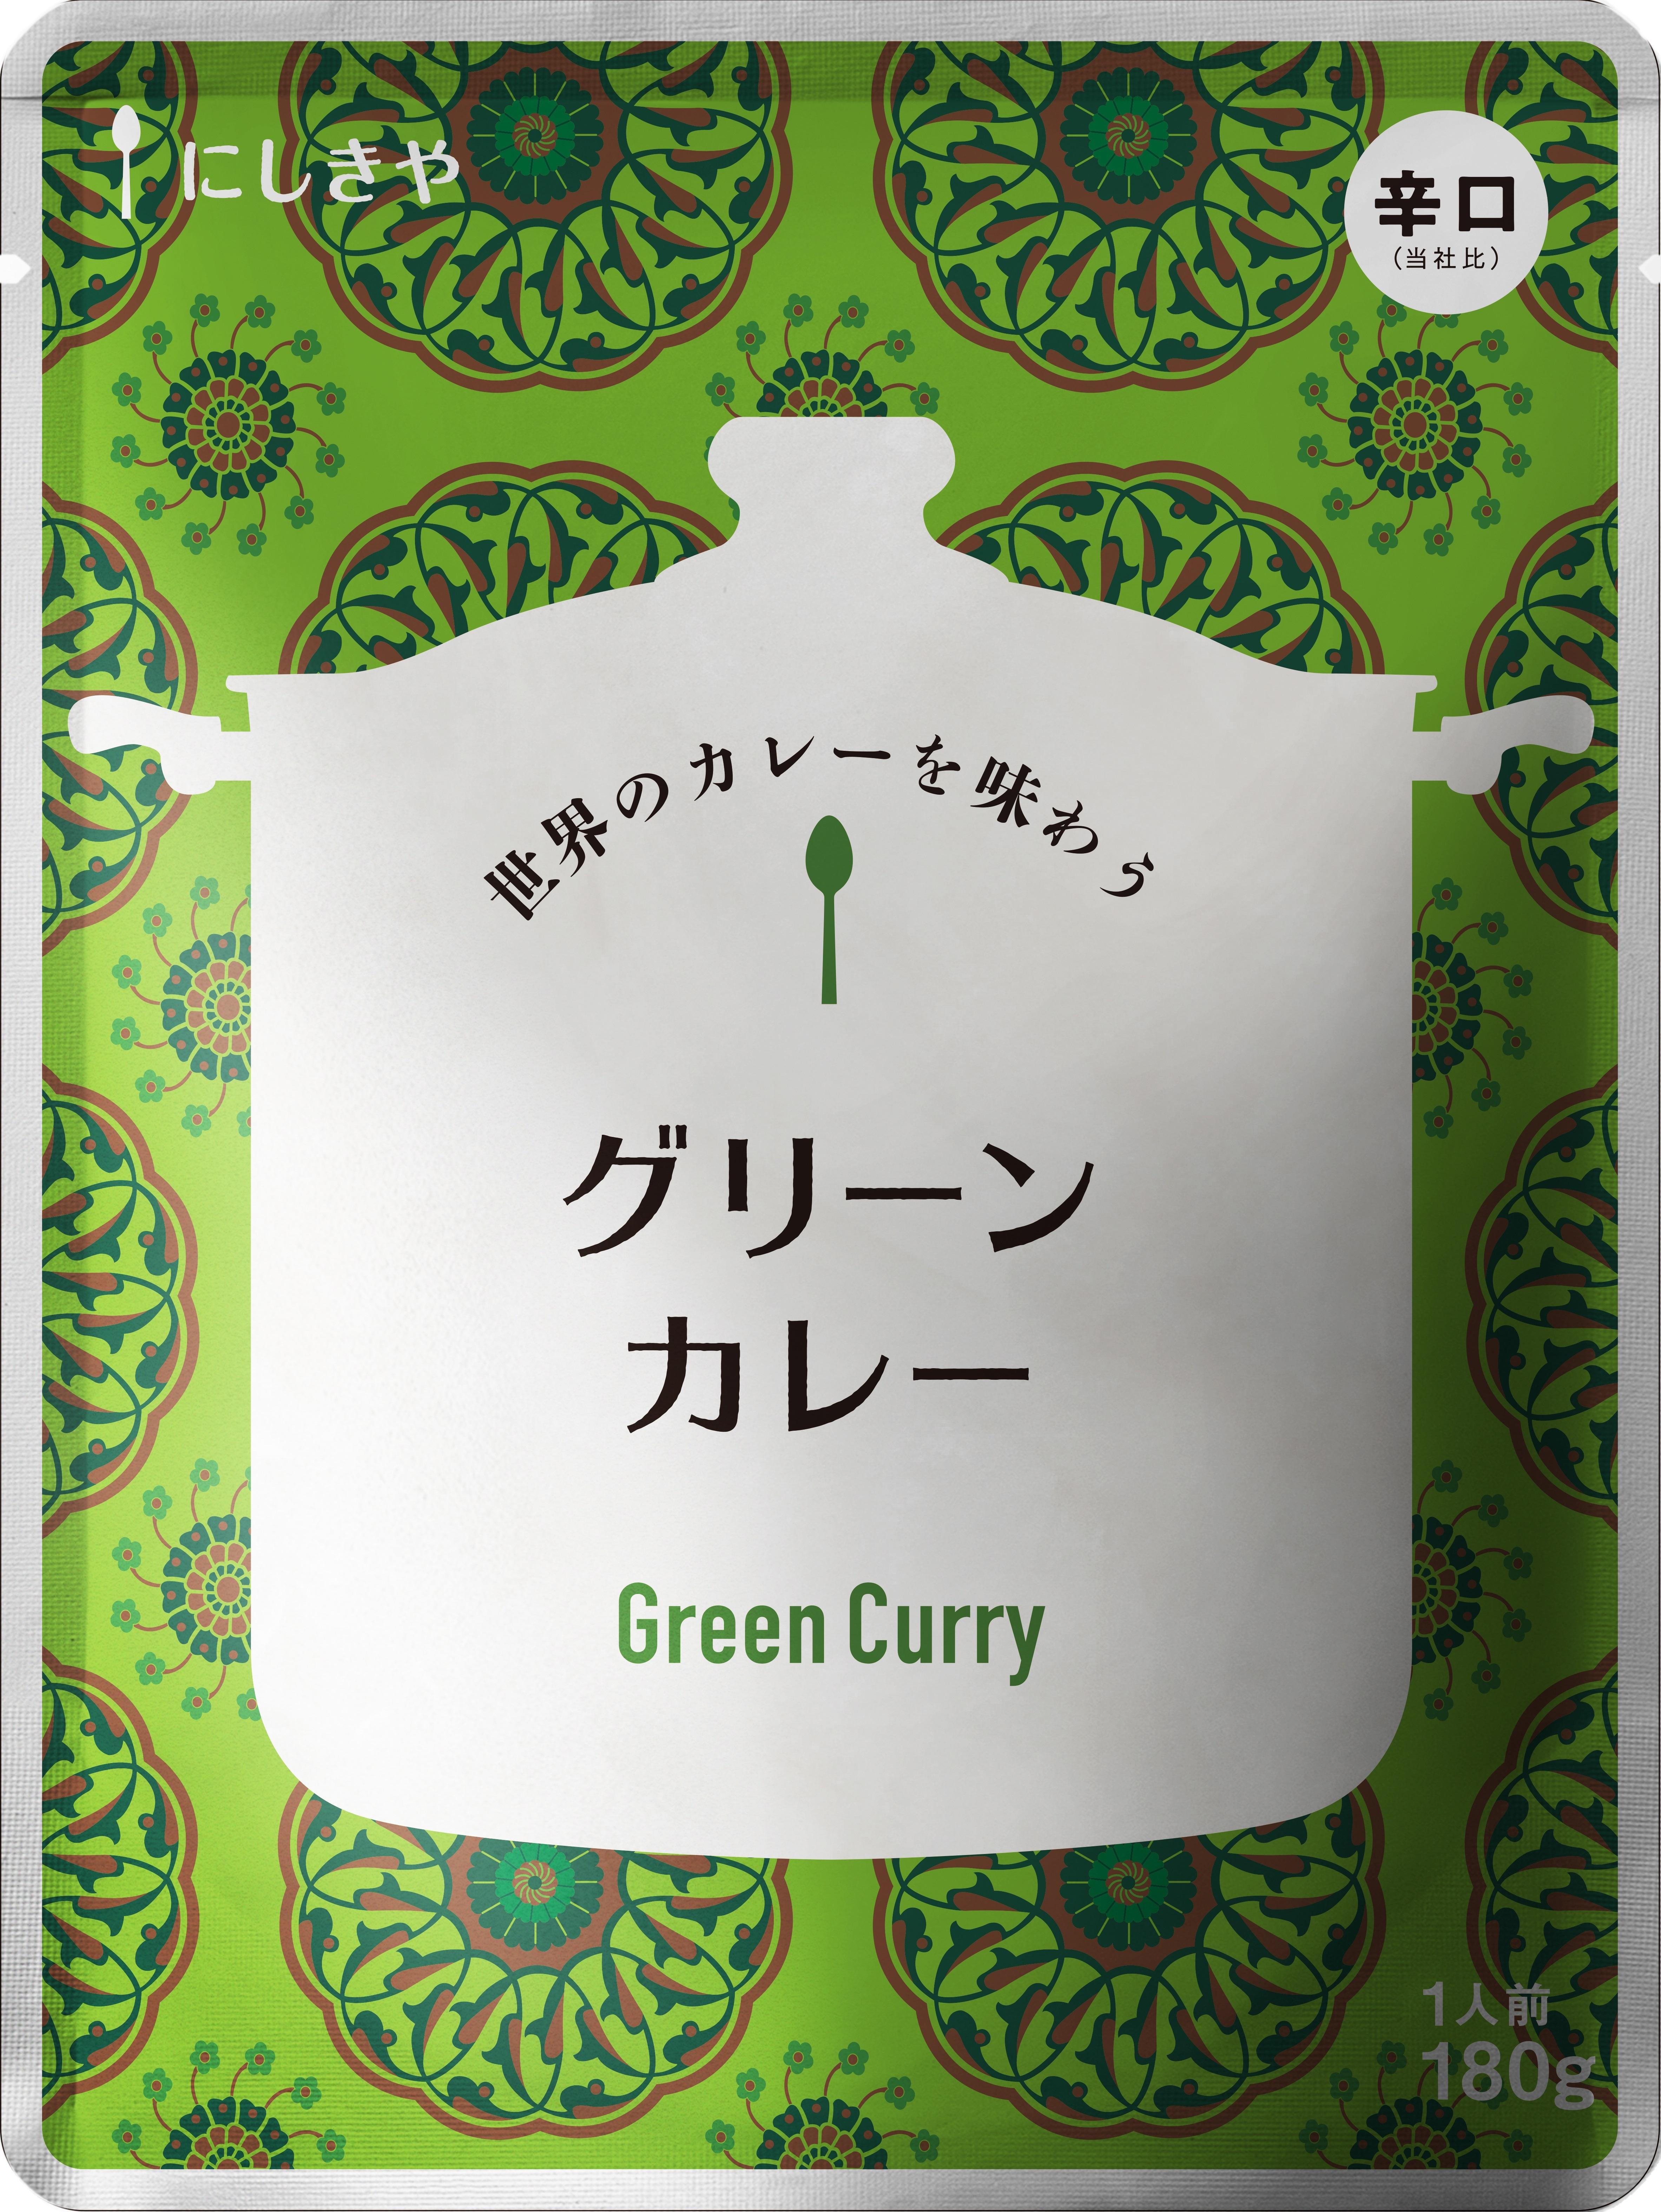 グリーンカレー *化学調味料・保存料・着色料不使用レトルト*